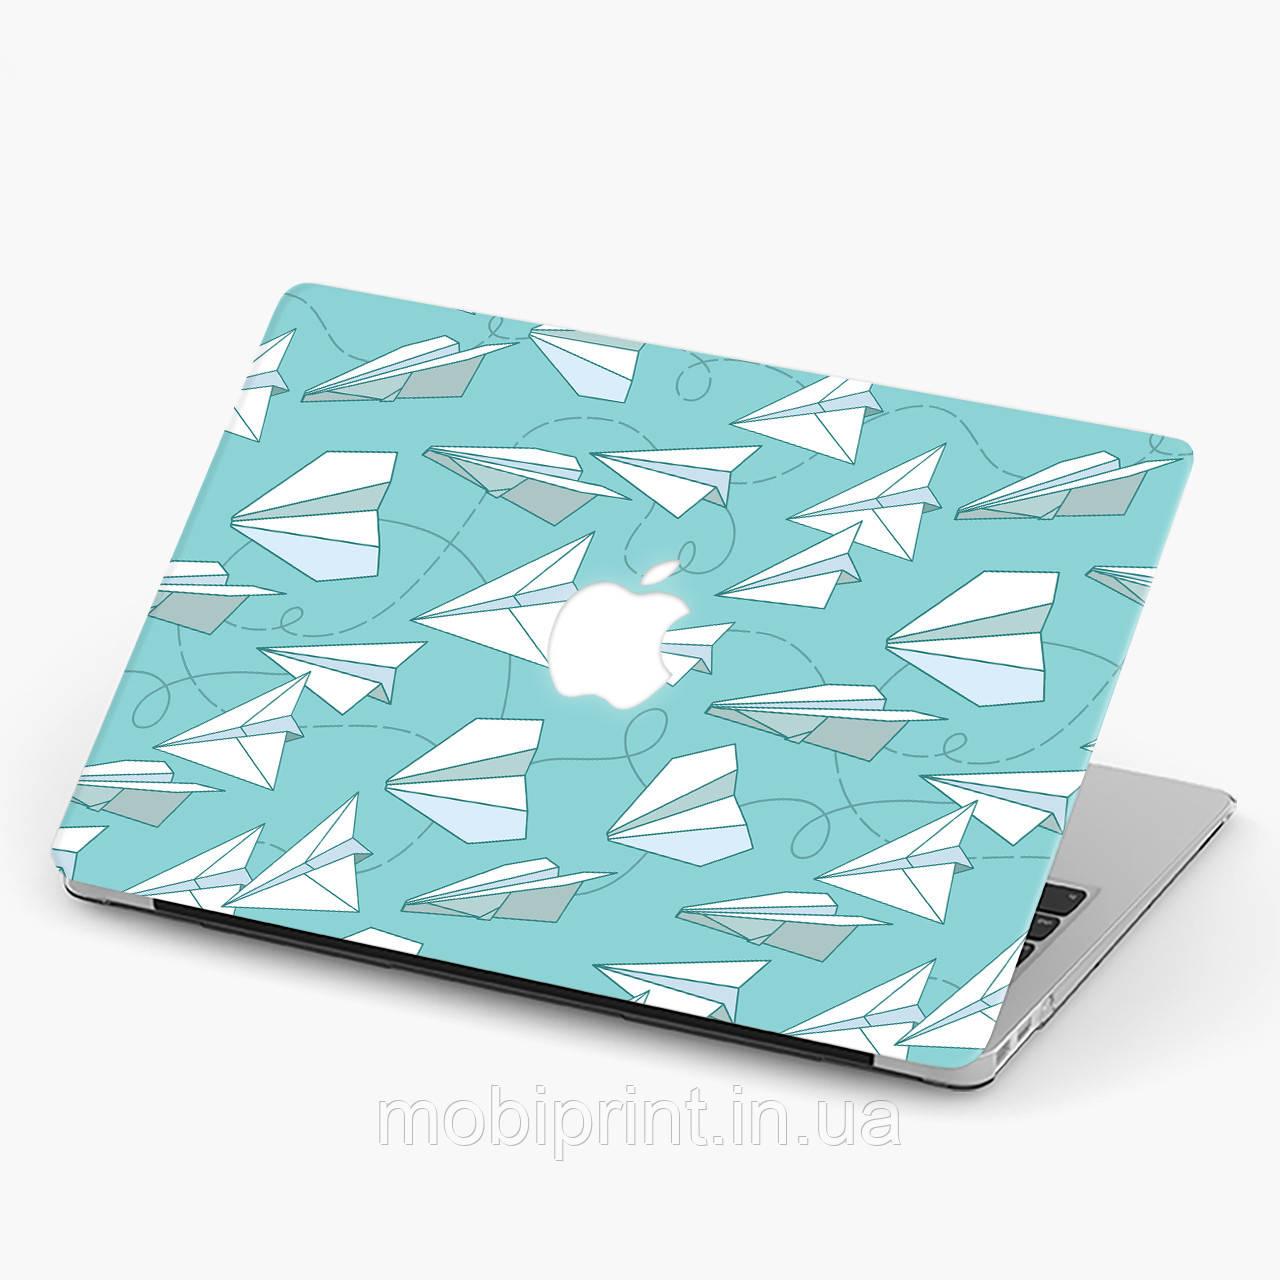 Чехол пластиковый для Apple MacBook Pro / Air Текстура дерева (Wood texture) макбук про case hard cover